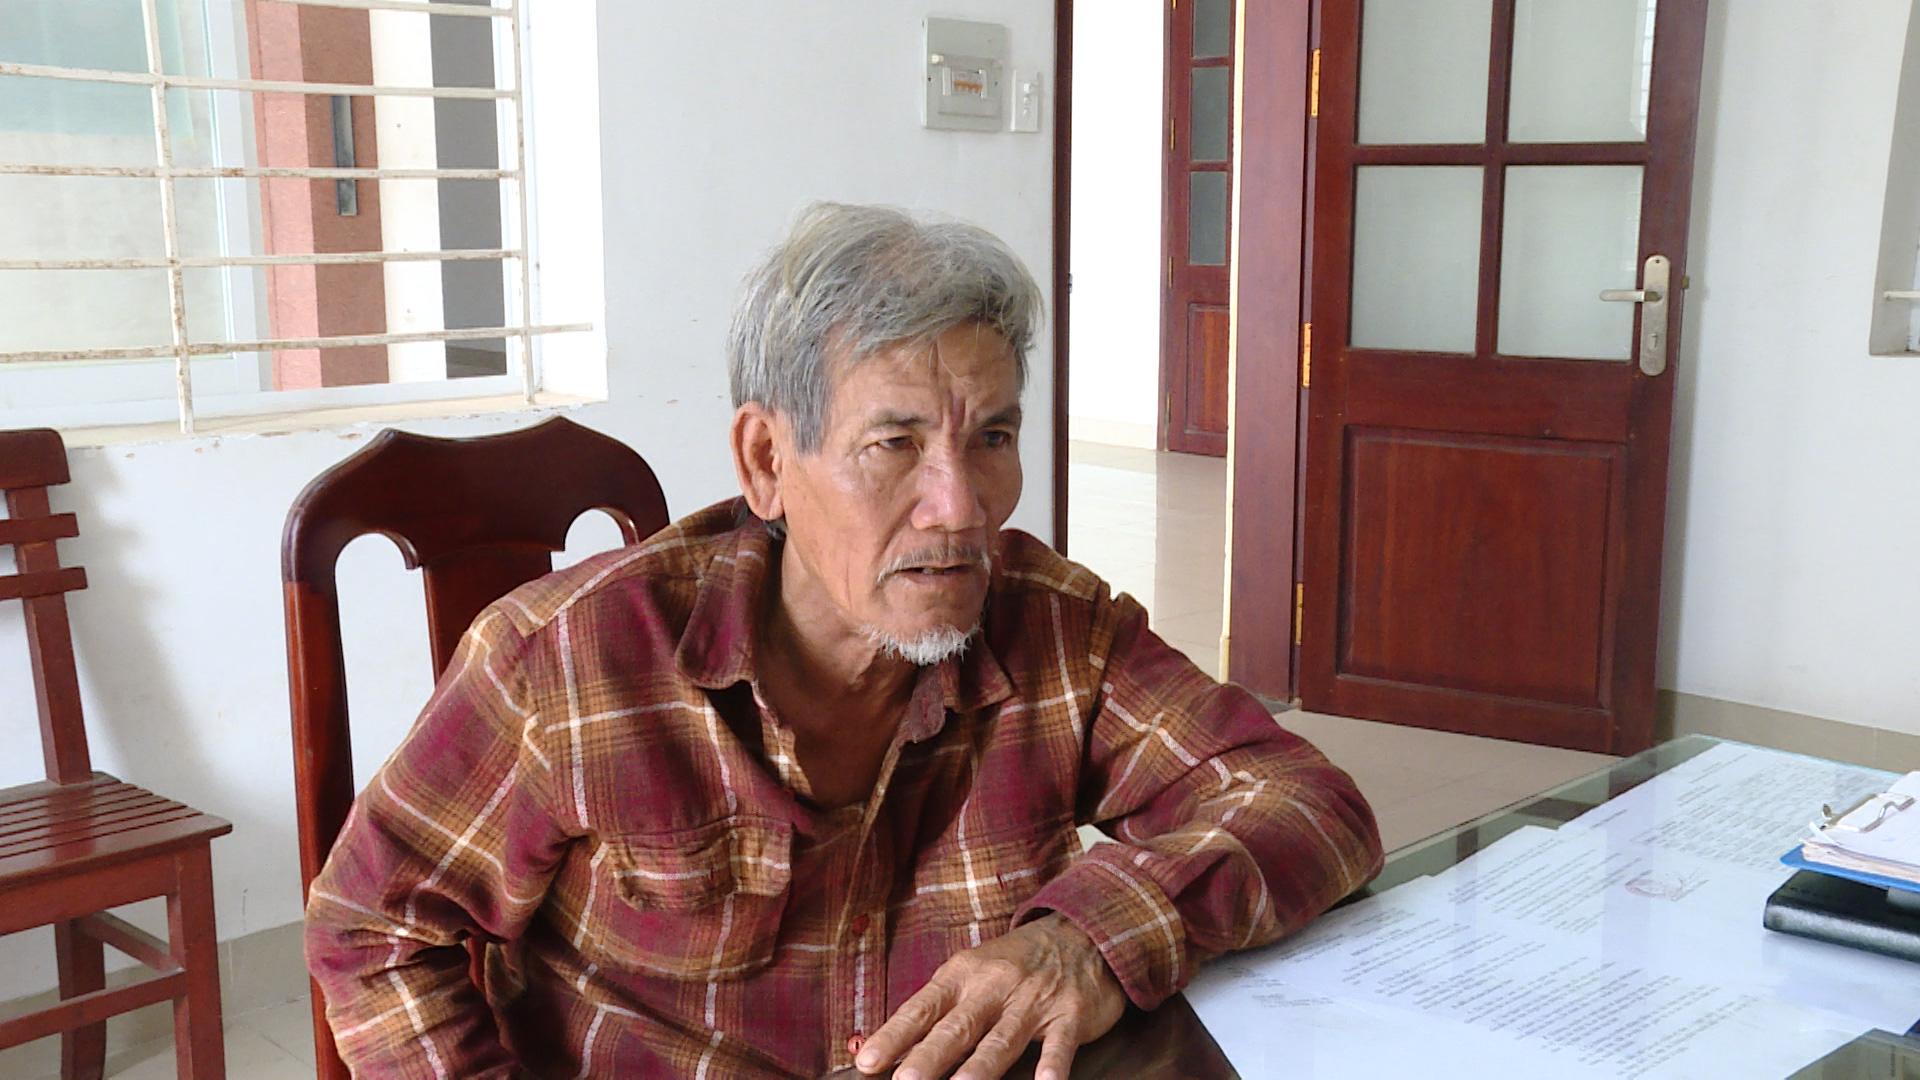 Vietnamese murder convict arrested three decades after prison break